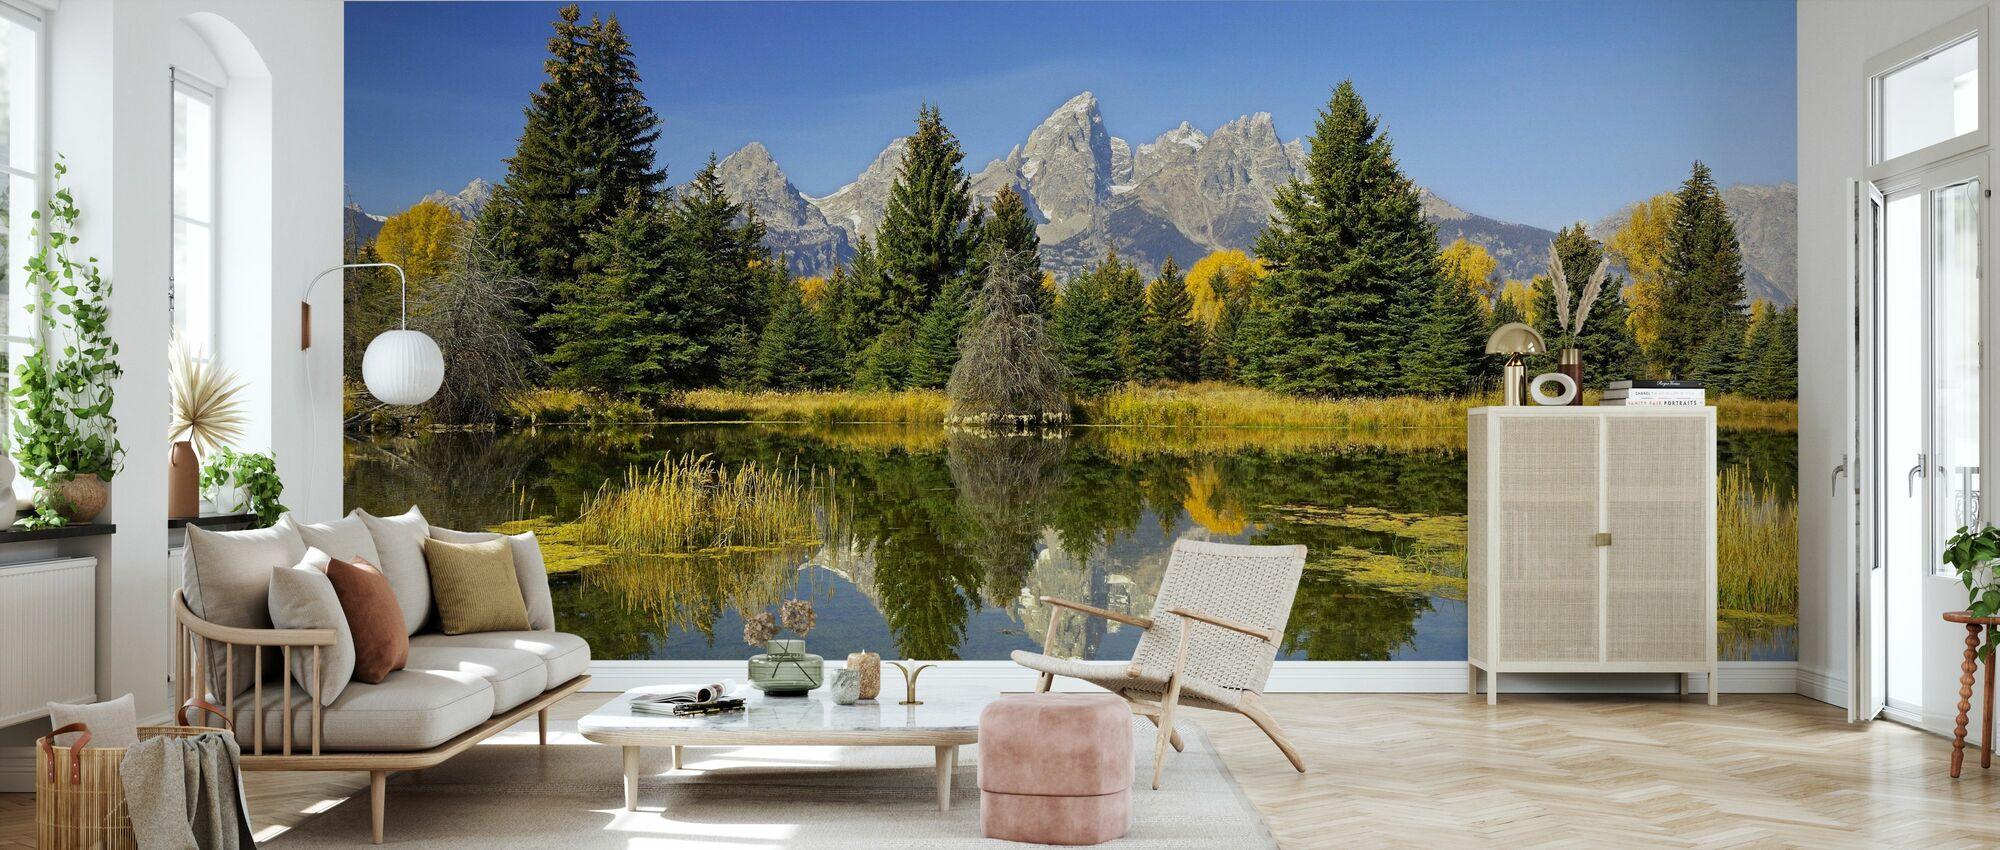 Beaver Pond - Wallpaper - Living Room